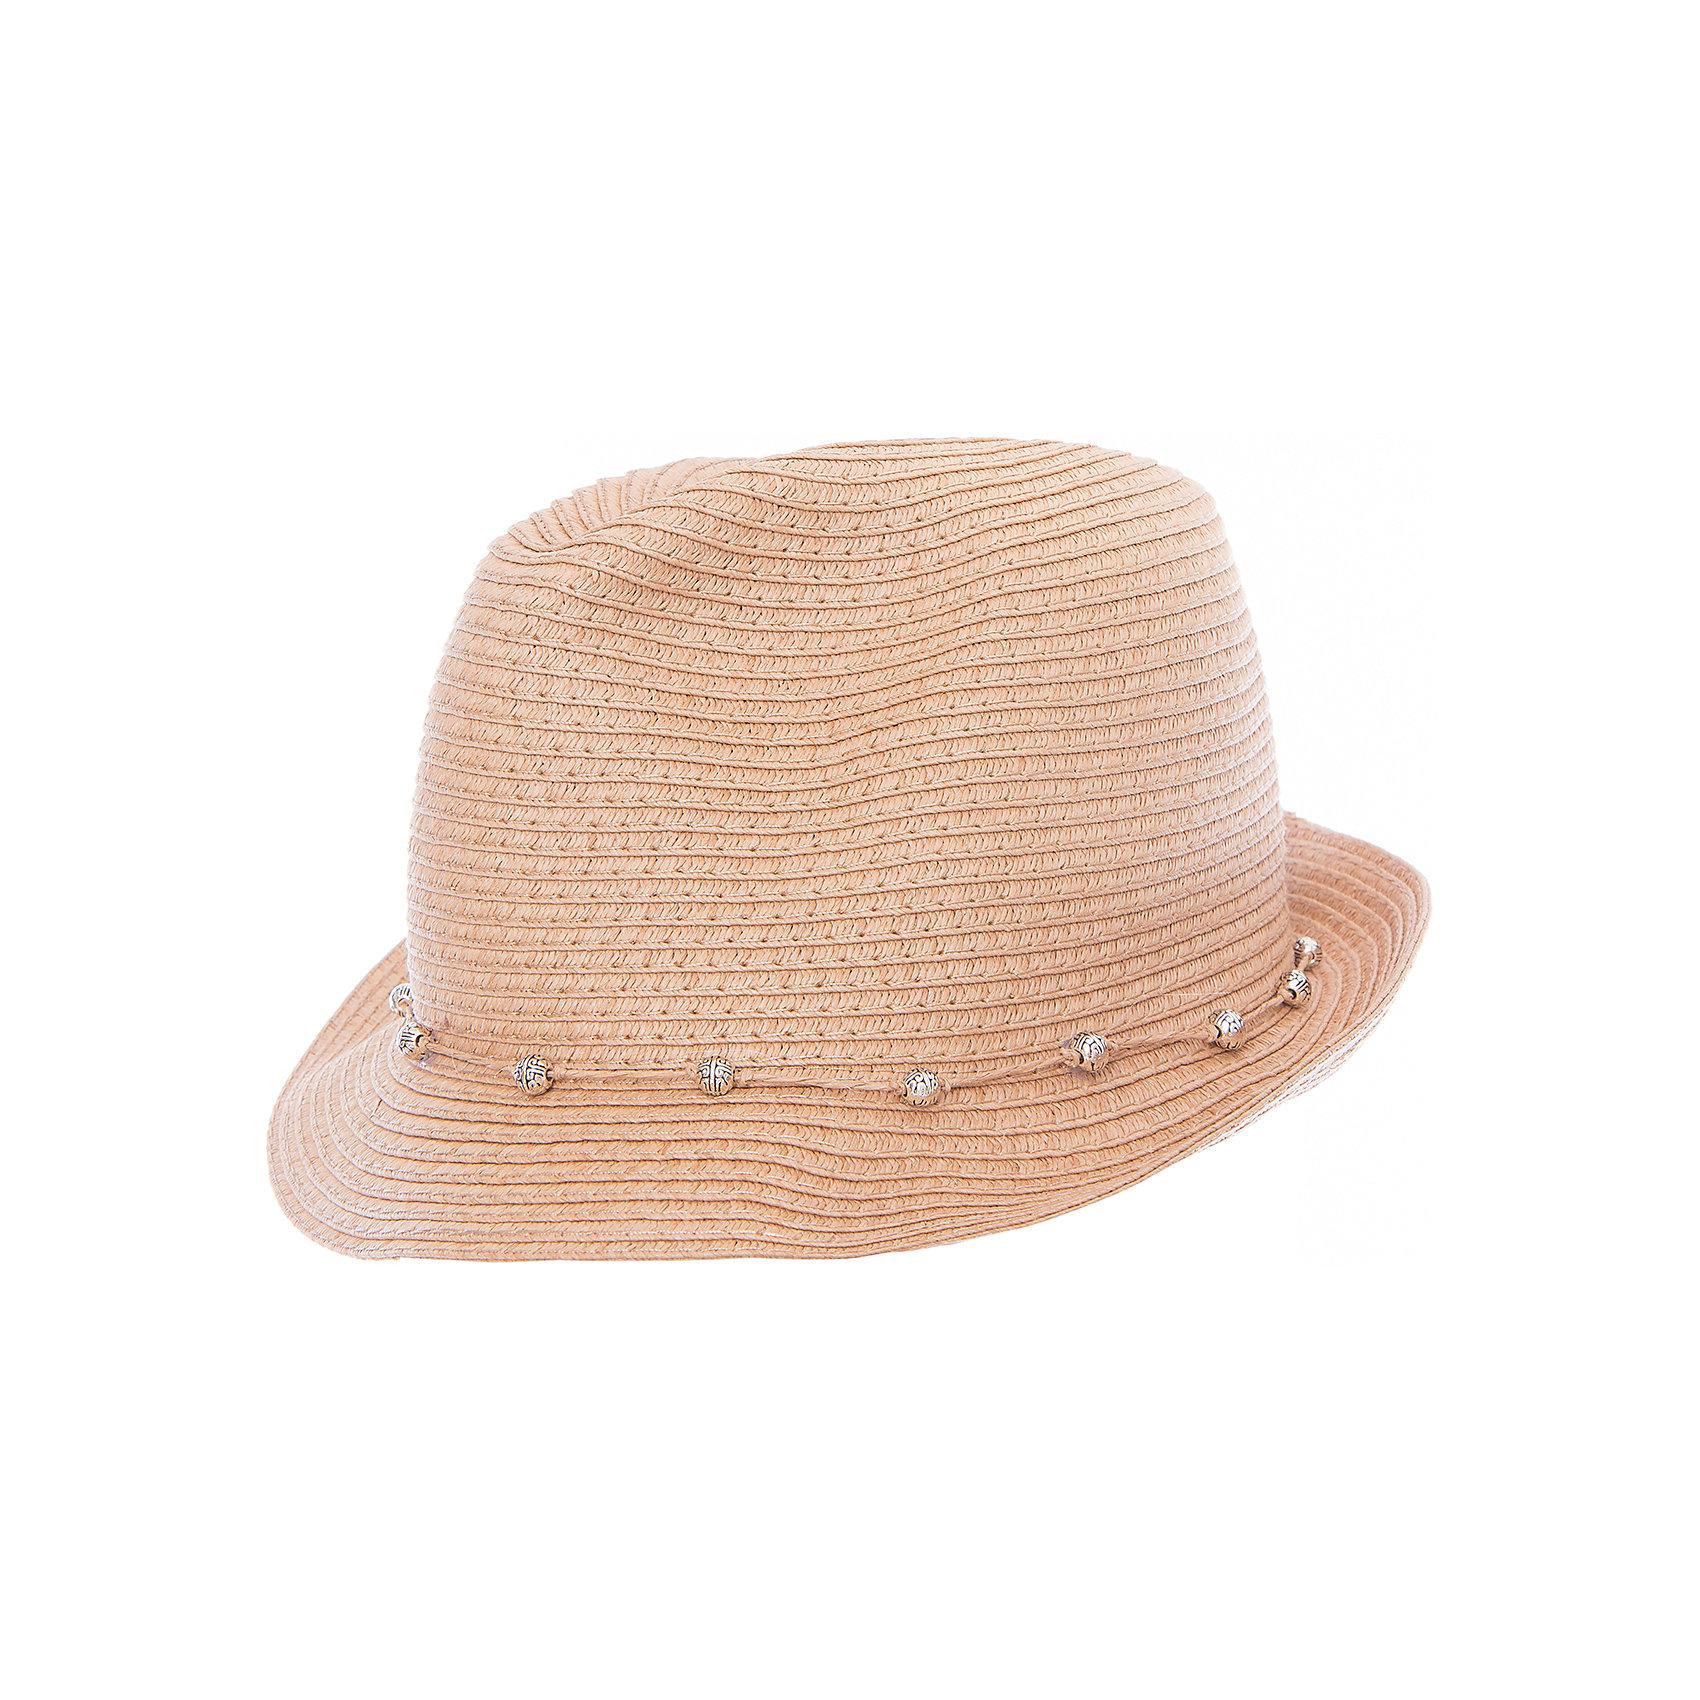 Шляпа для девочки ScoolГоловные уборы<br>Шляпа для девочки Scool<br>Эффектная шляпа из бумажной соломки прекрасно подойдет для прогулок в жаркую погоду. Декорирована контрастными бусинами.<br>Состав:<br>100% бумажная соломка<br><br>Ширина мм: 89<br>Глубина мм: 117<br>Высота мм: 44<br>Вес г: 155<br>Цвет: светло-коричневый<br>Возраст от месяцев: 60<br>Возраст до месяцев: 72<br>Пол: Женский<br>Возраст: Детский<br>Размер: 56,54<br>SKU: 5407074